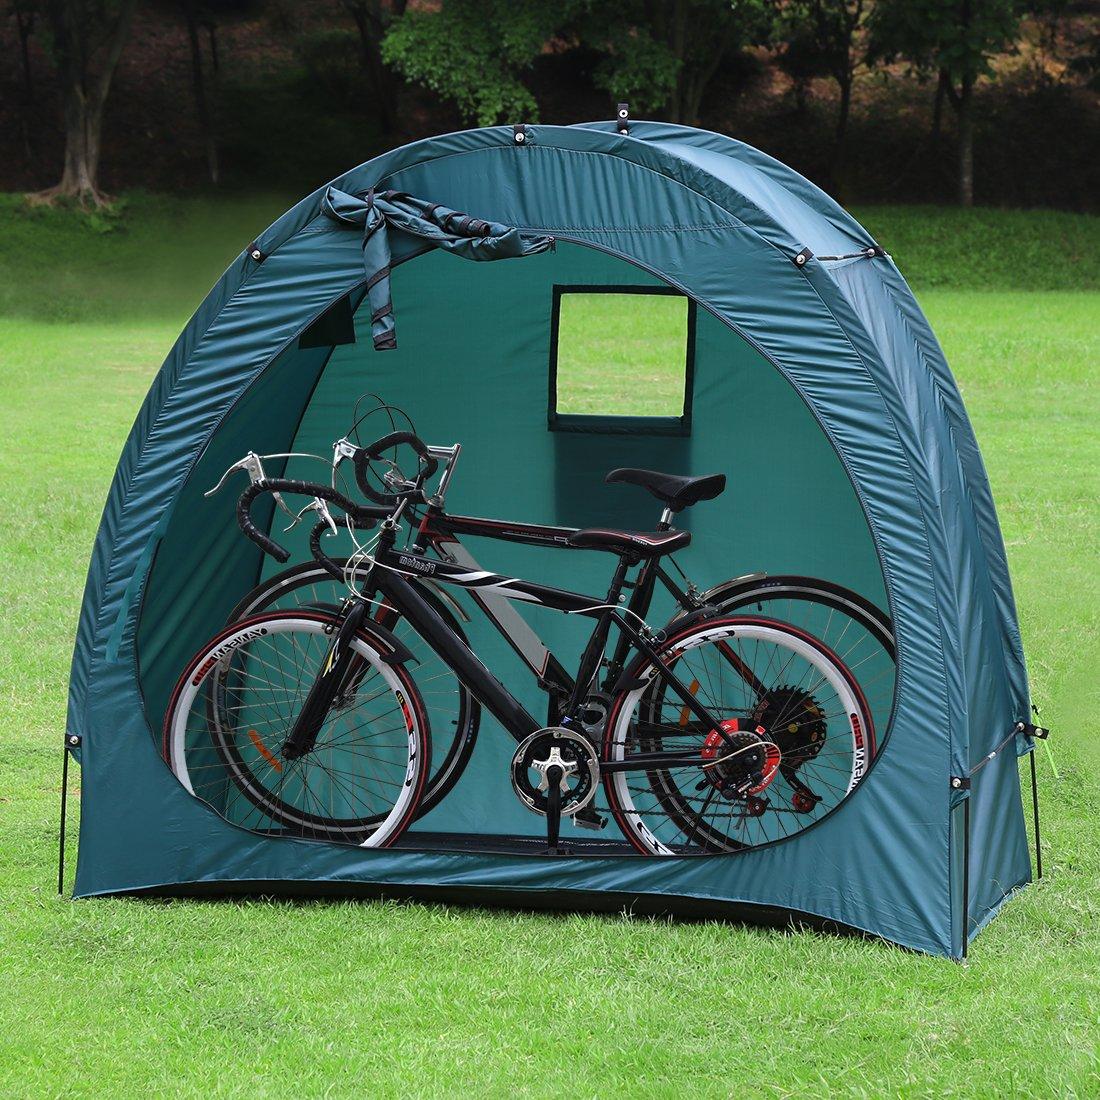 Cubierta de Protecci/ón para Bicicleta Zzul Oscuro 200 JCF Carpa para Bicicleta 80cm 170